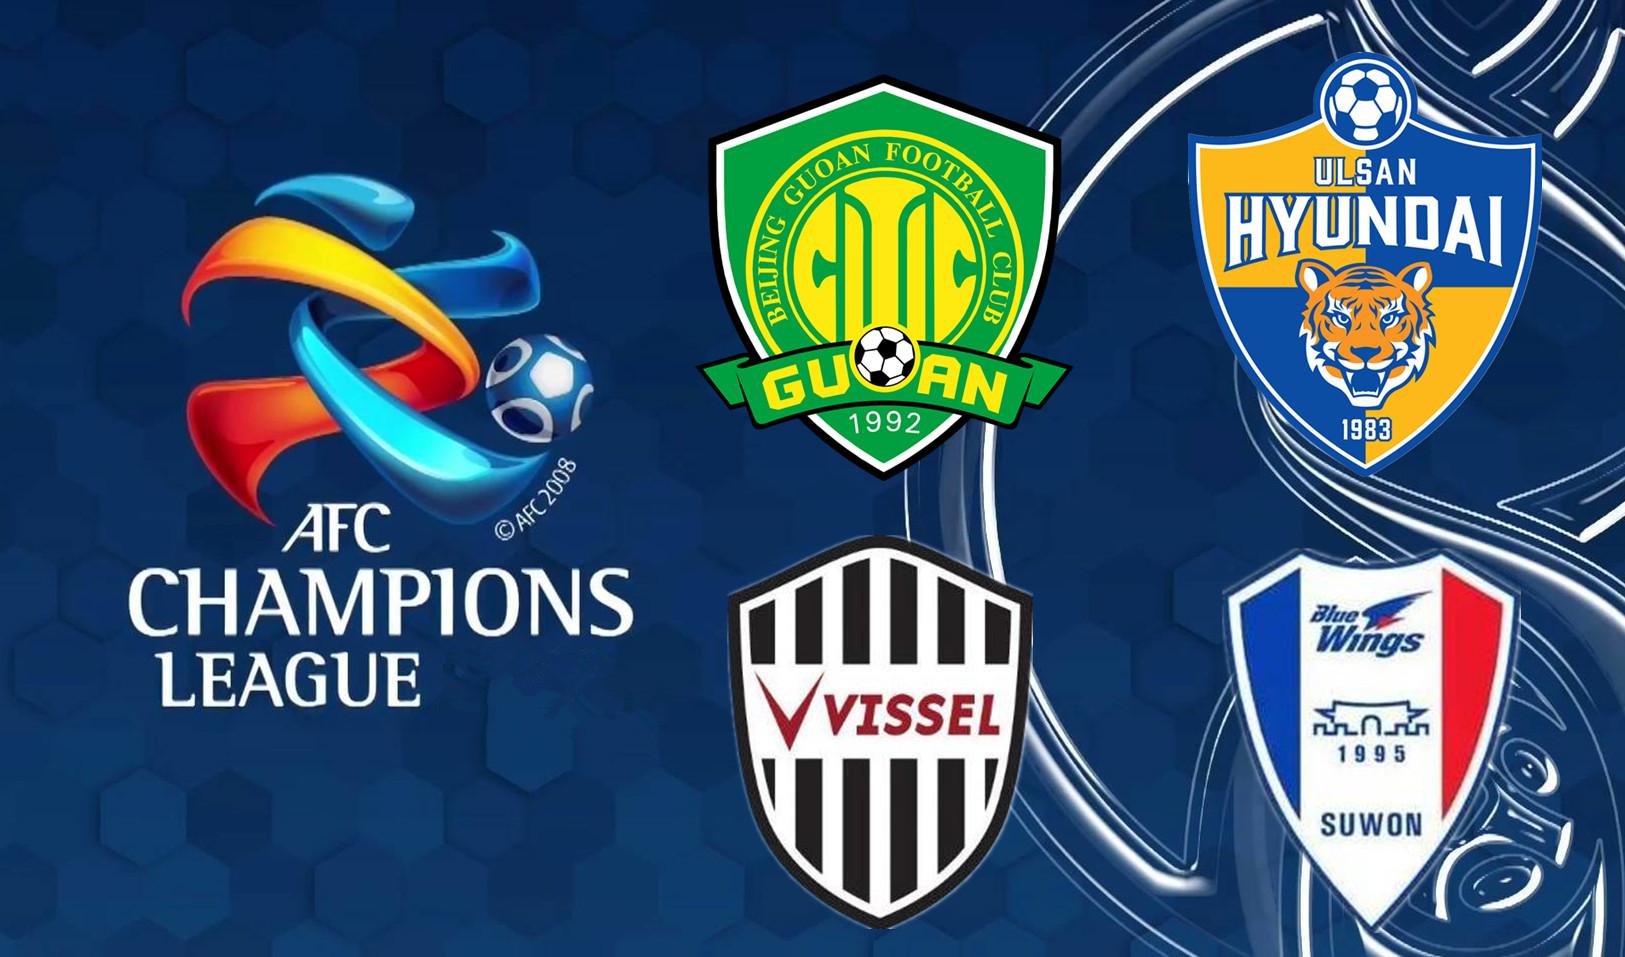 亞冠東亞區4強對陣出爐:國安抽到下下簽,恒大同組2對手再度碰面